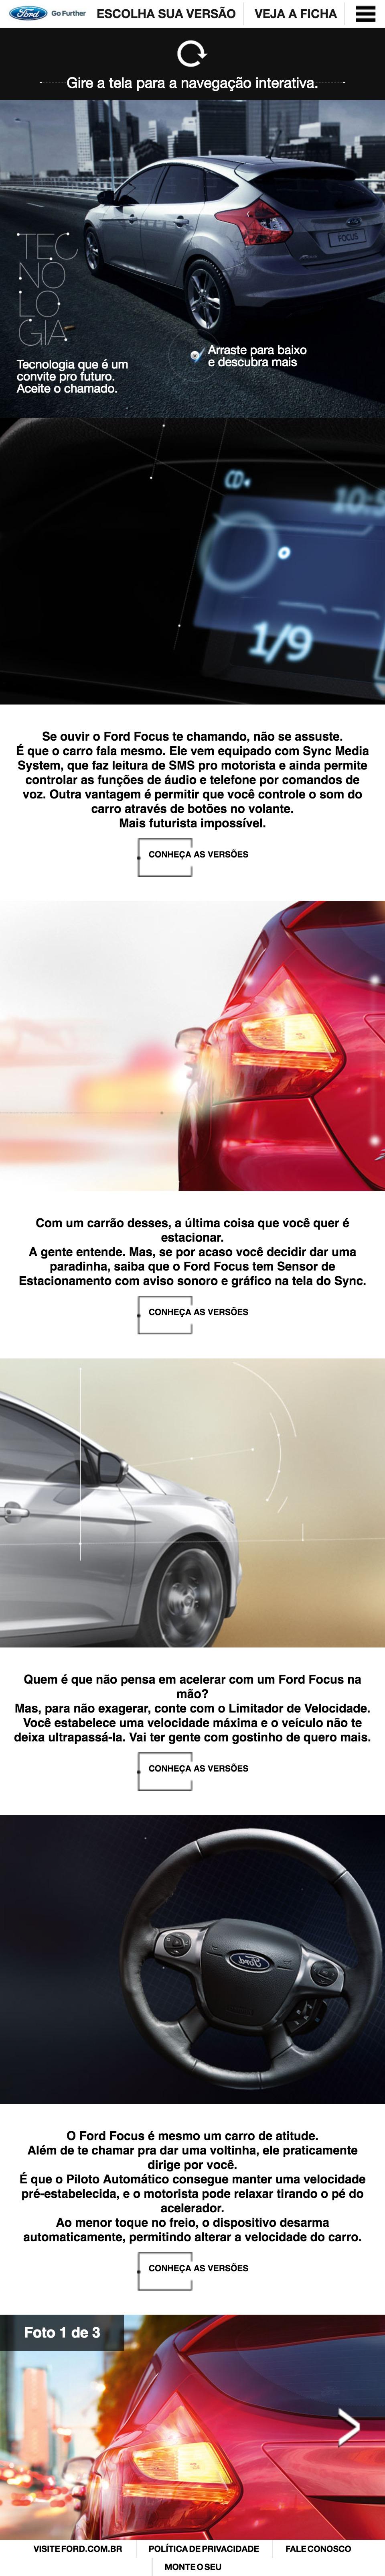 Novo Ford Focus I Ford Brasil - 002.jpg